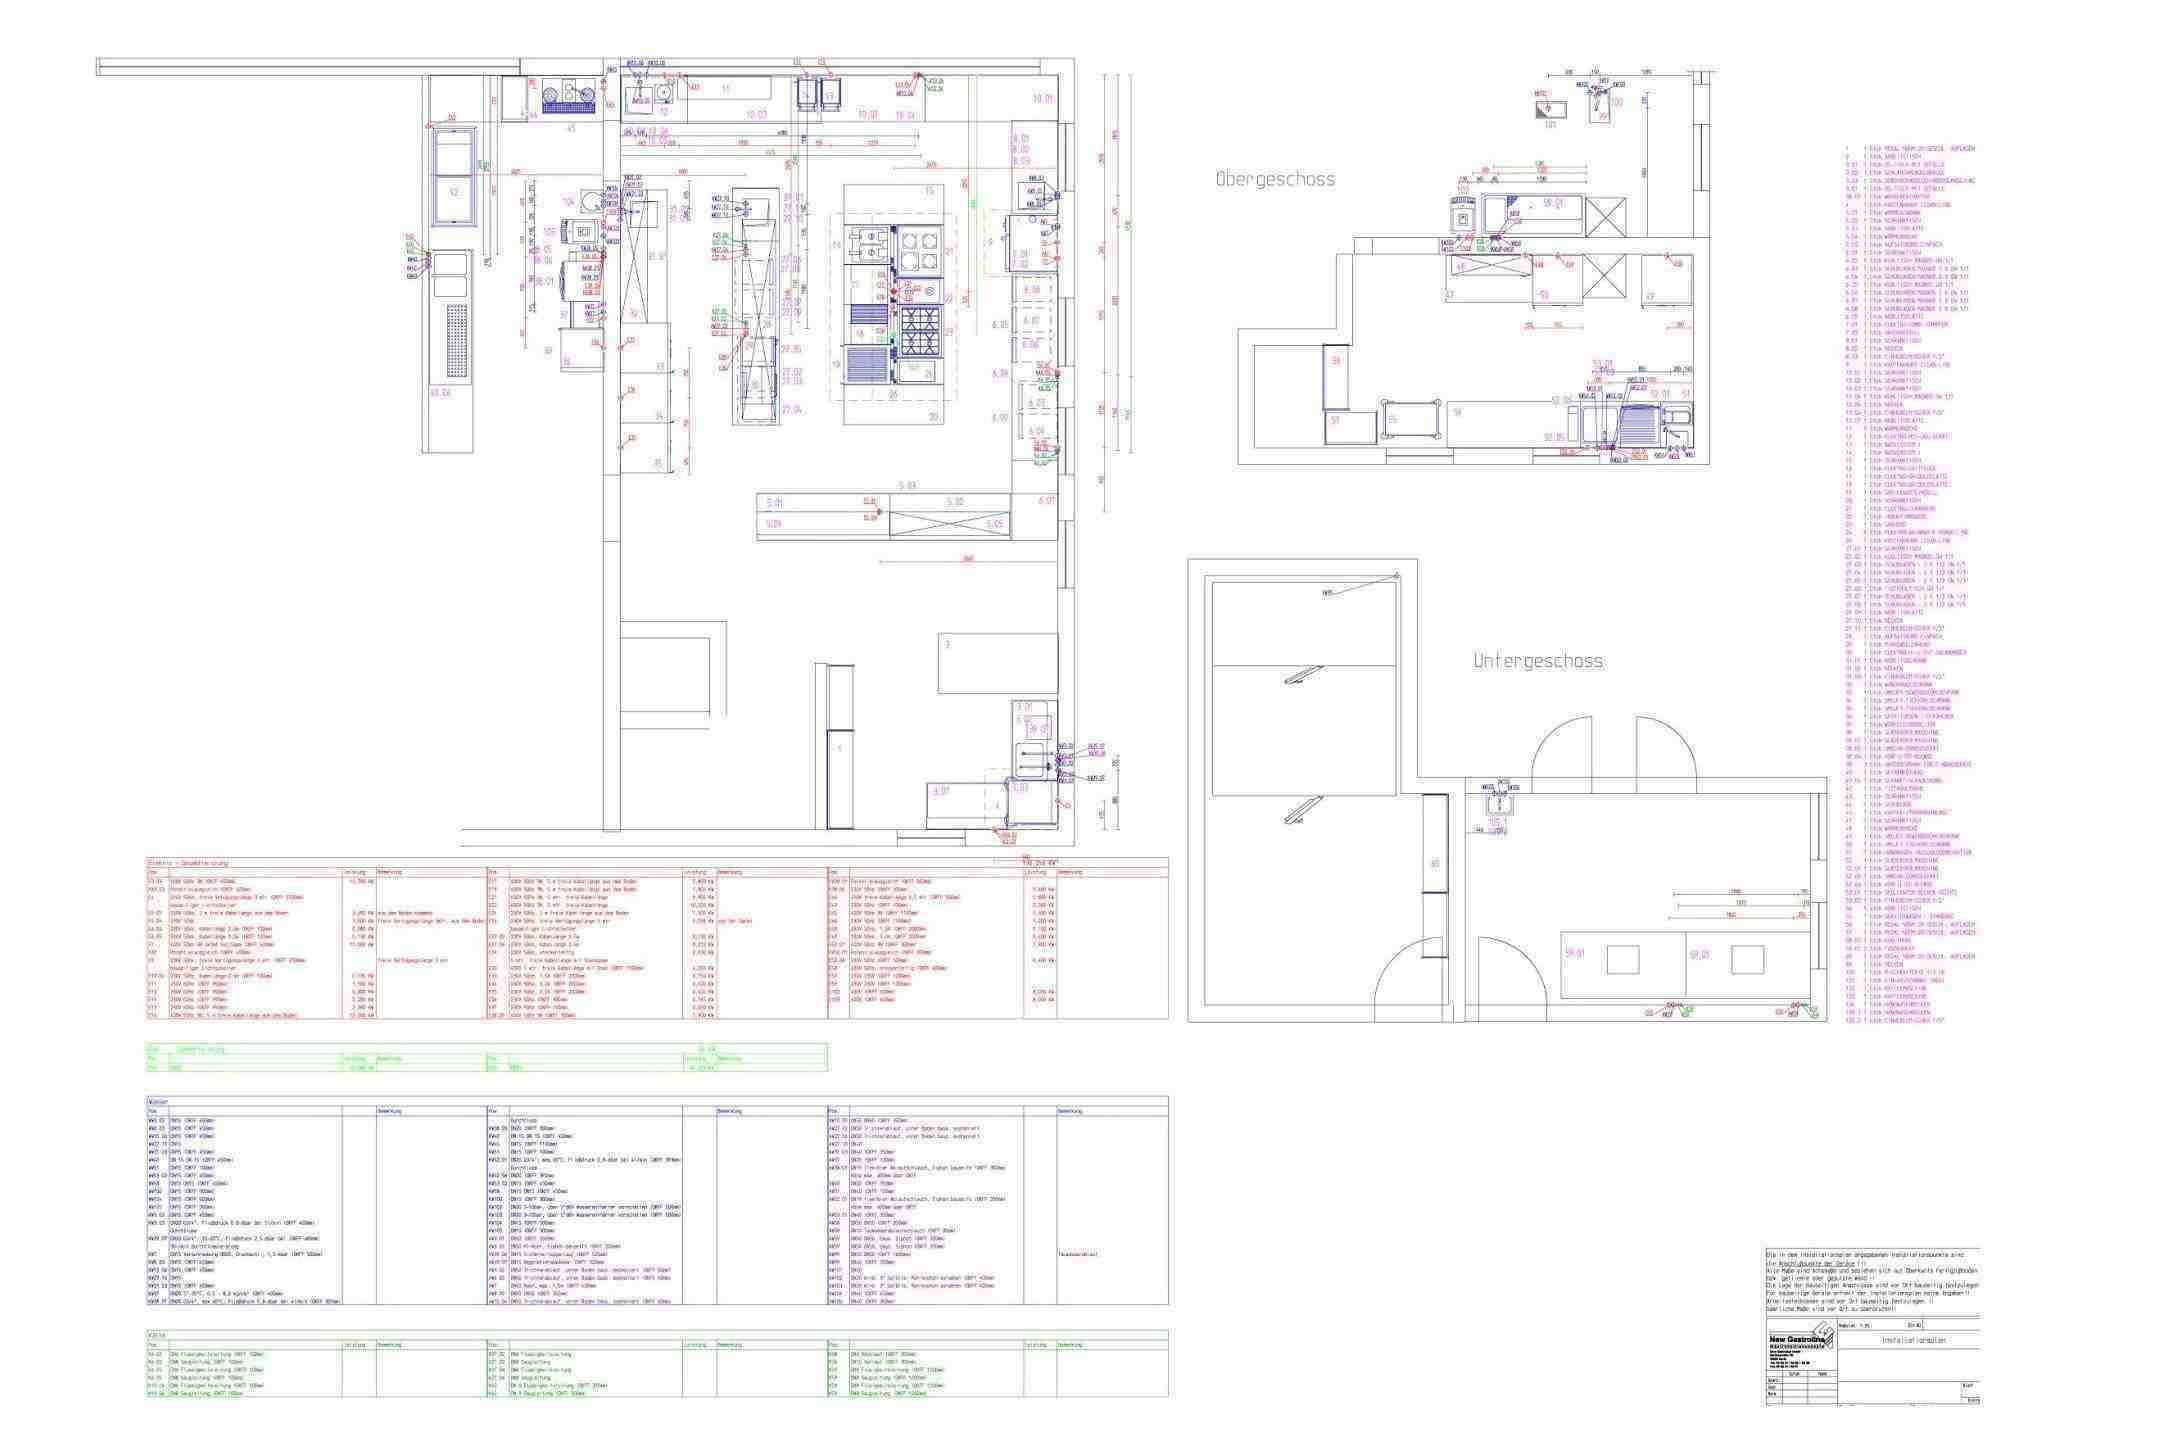 Großküchen-Anschlussplan